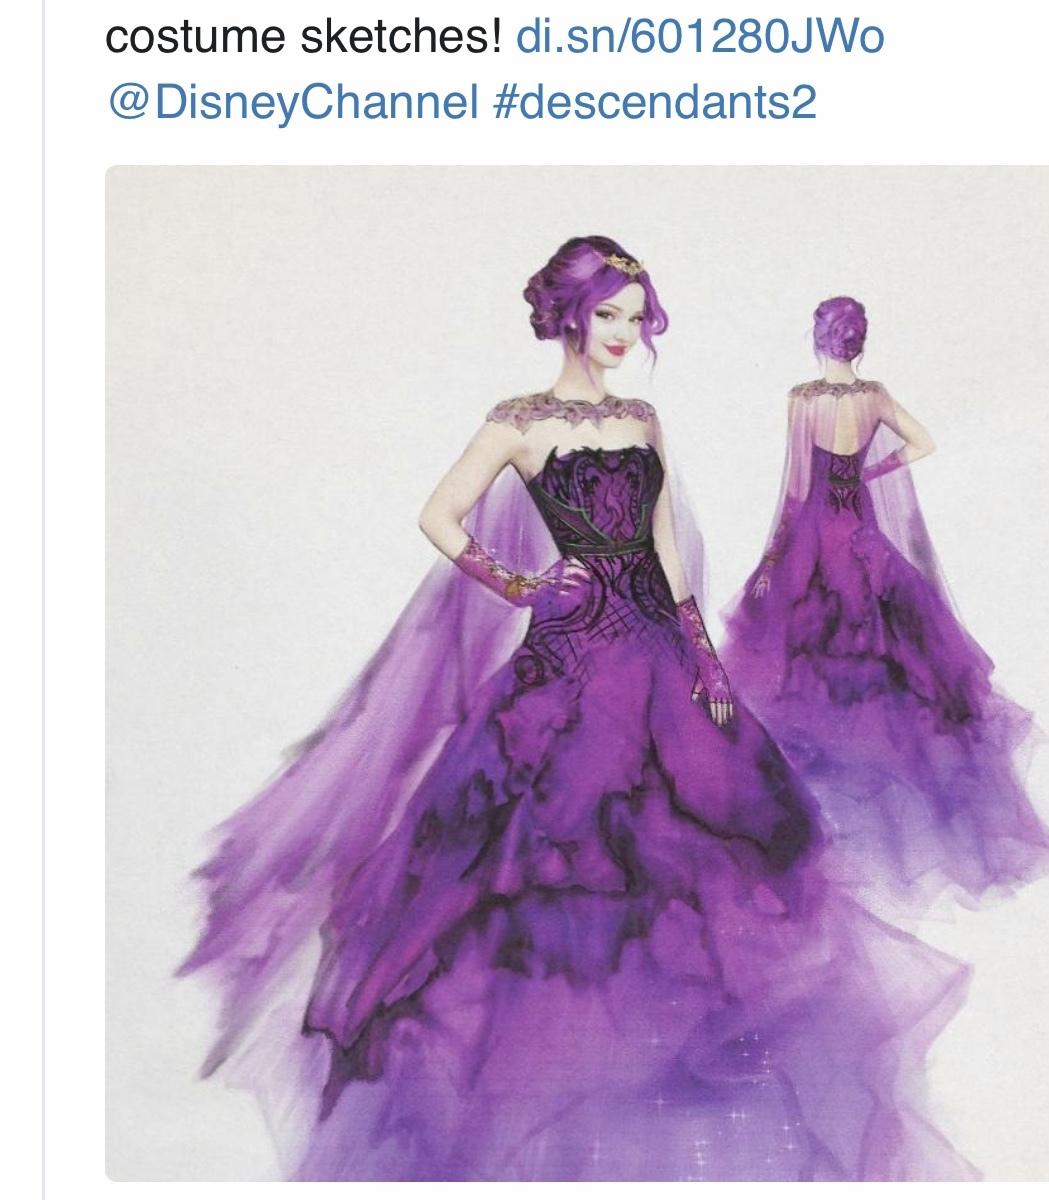 ディセンダント3のファッションが可愛い_e0397389_13410338.jpeg